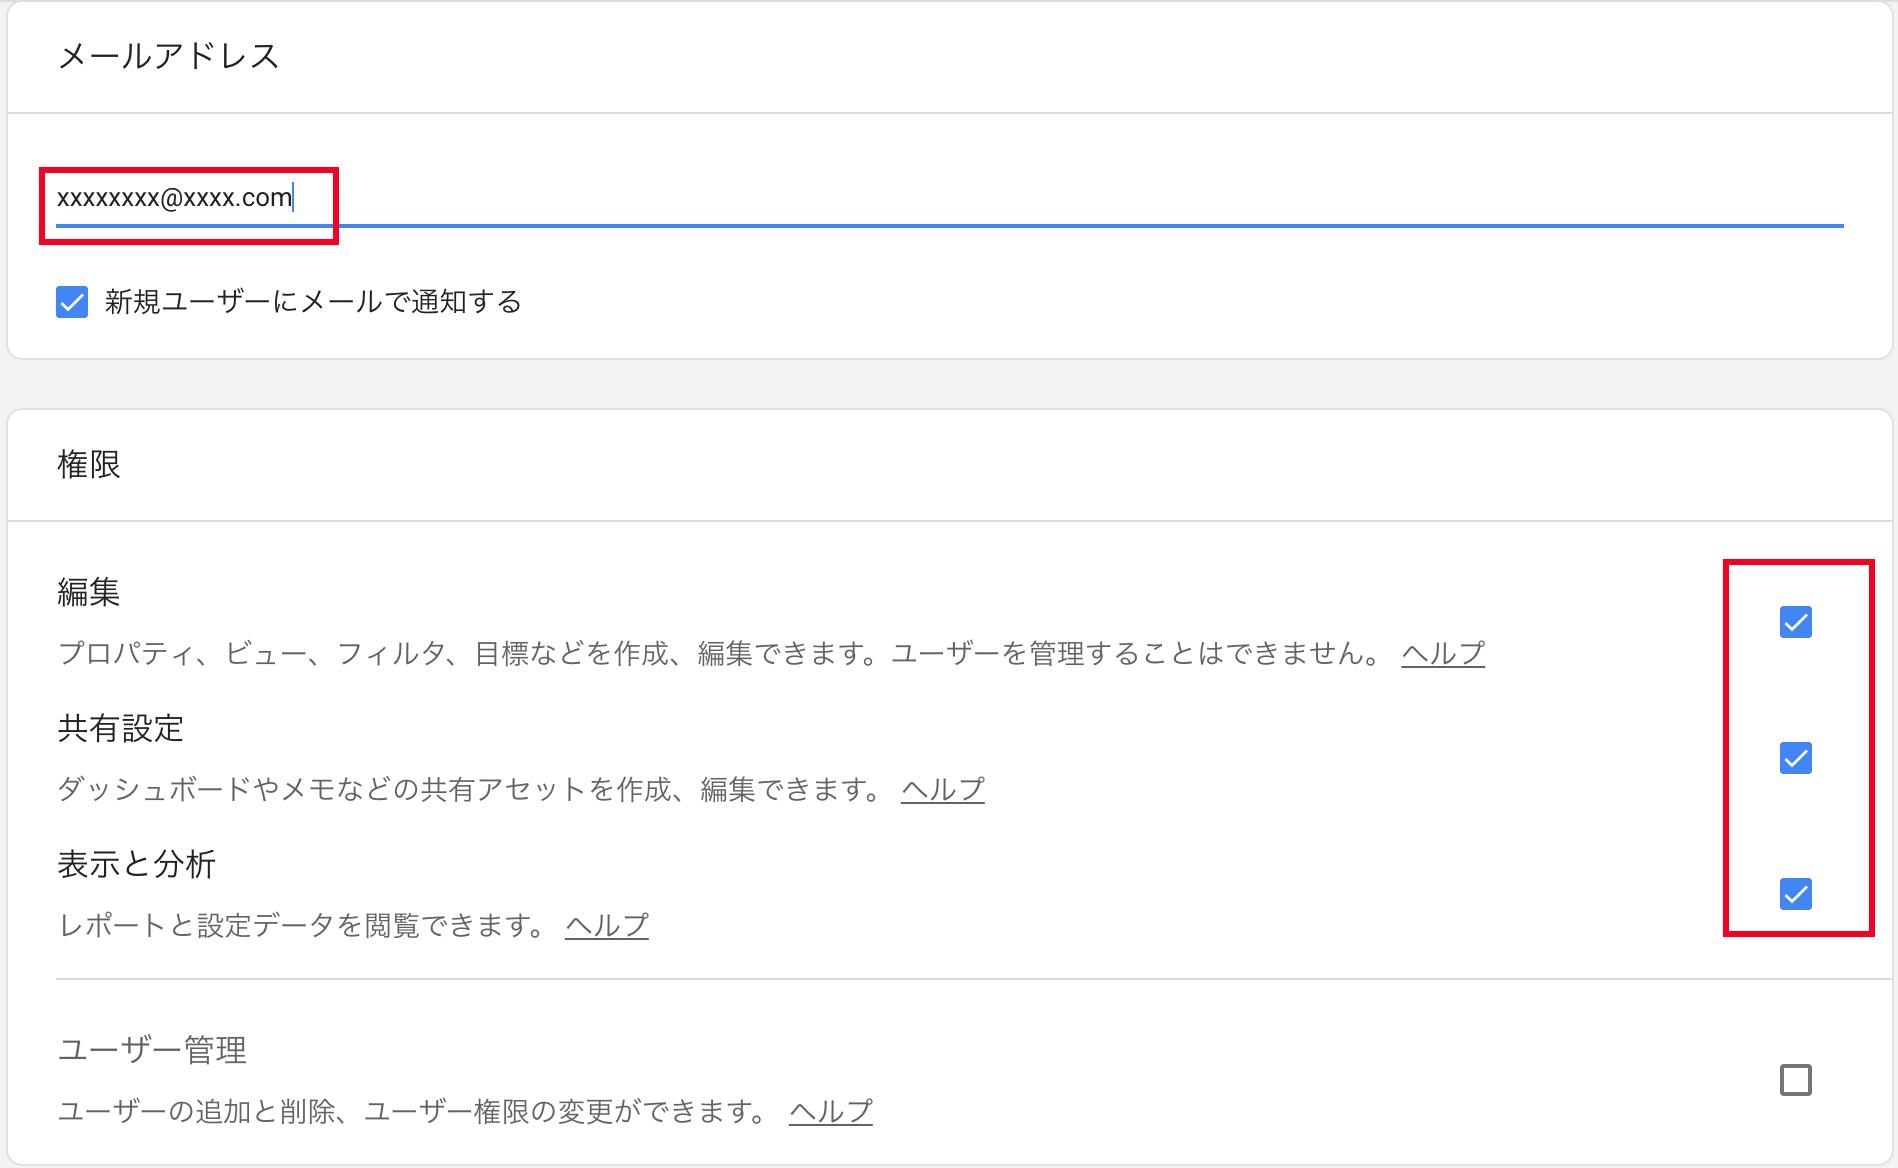 ユーザー情報入力を追加